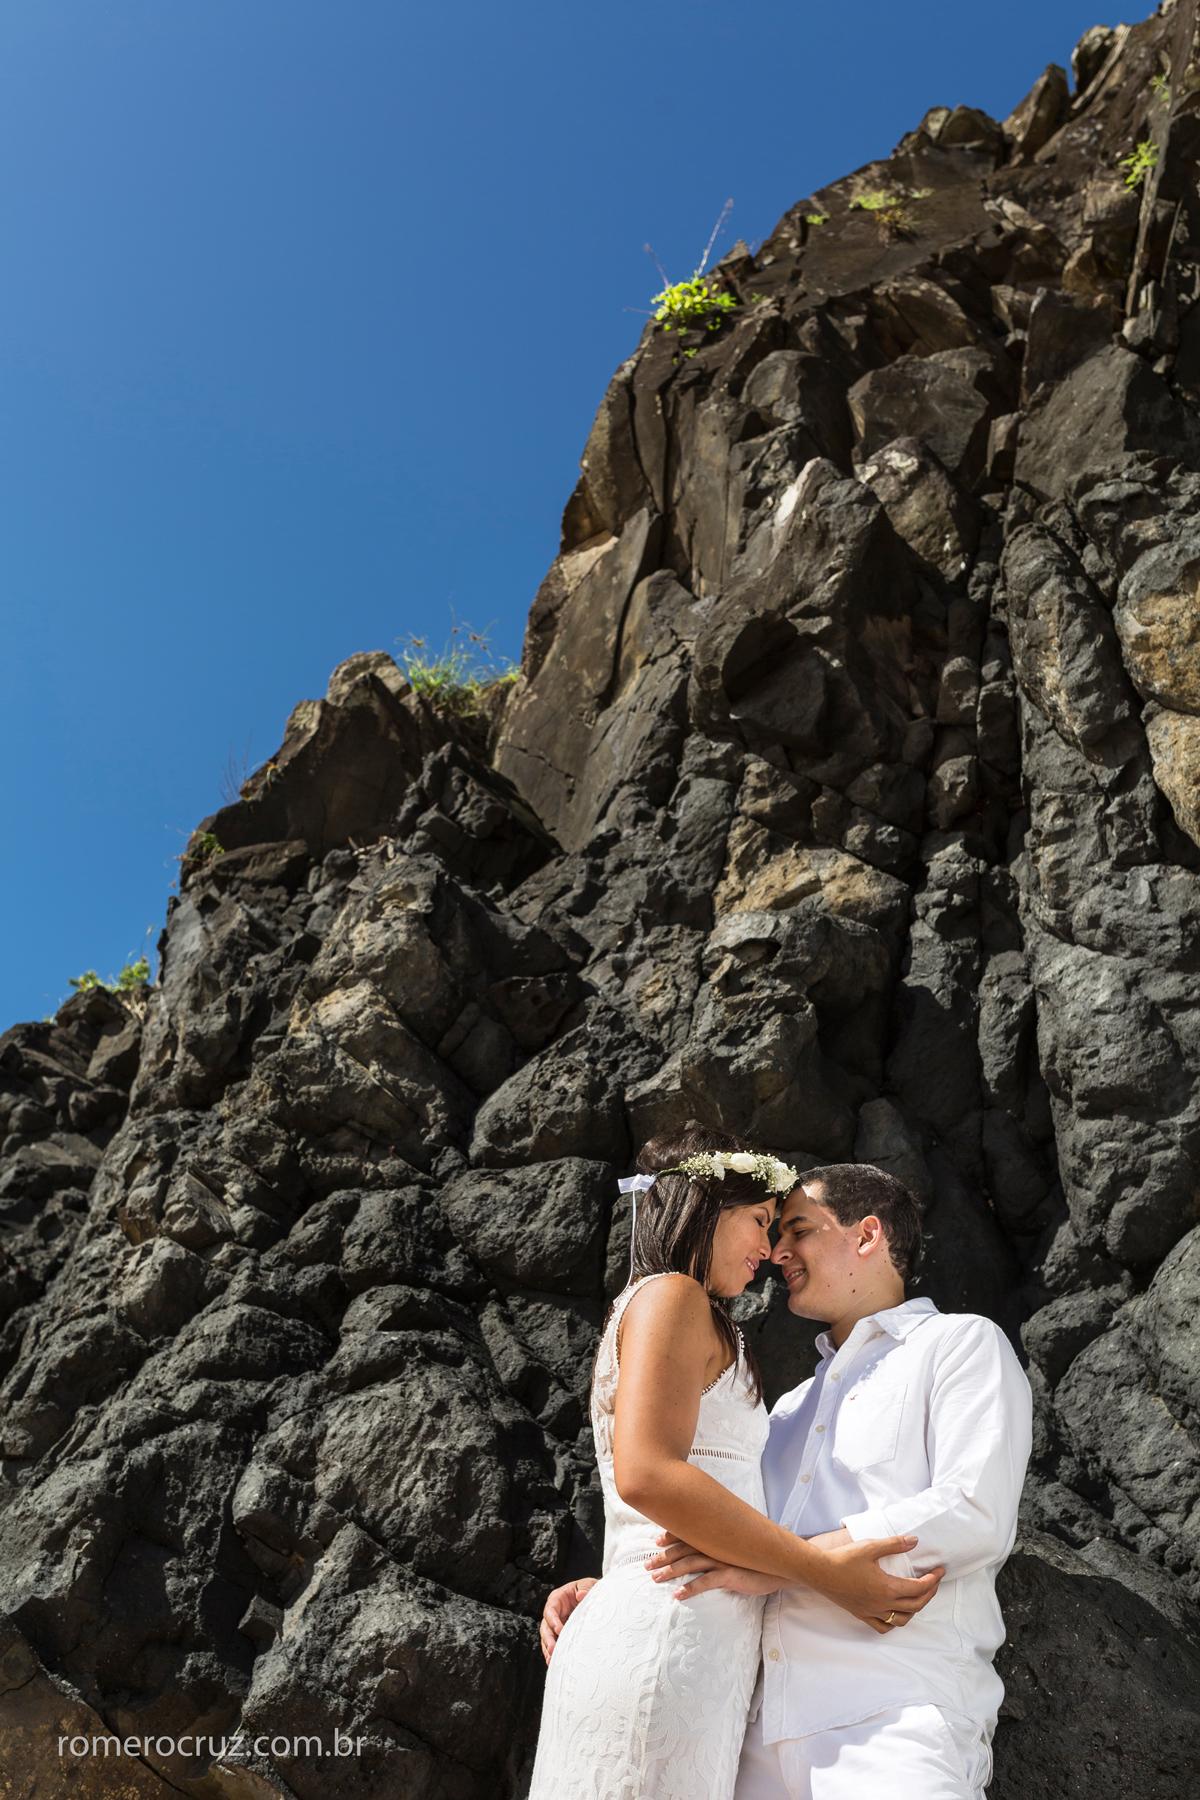 Fotógrafo Romero Cruz fez o ensaio do casal Marianne e Alysson em Fernando de Noronha-PE